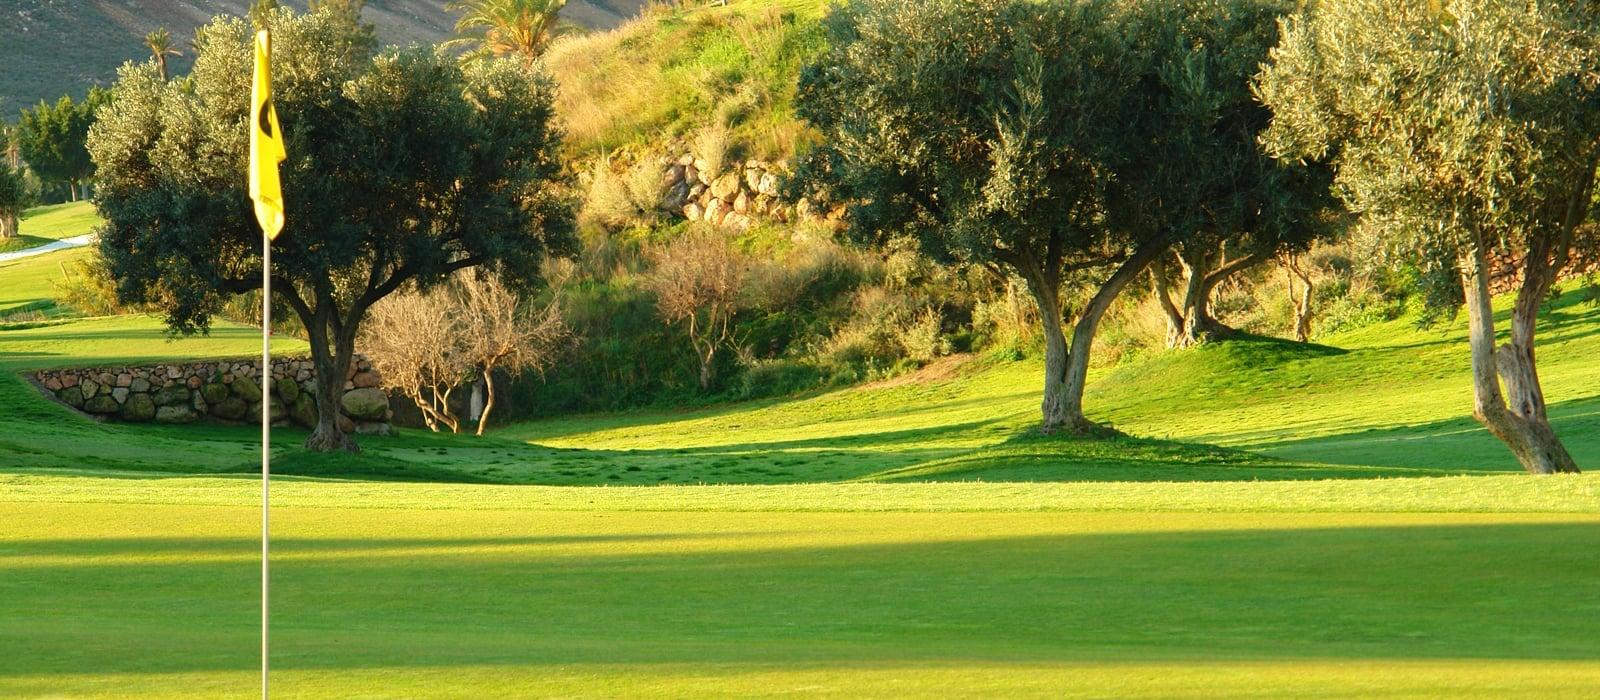 Offerte Hotel Selección Envía Almería Wellness & Golf - Il miglior golf ad Almeria